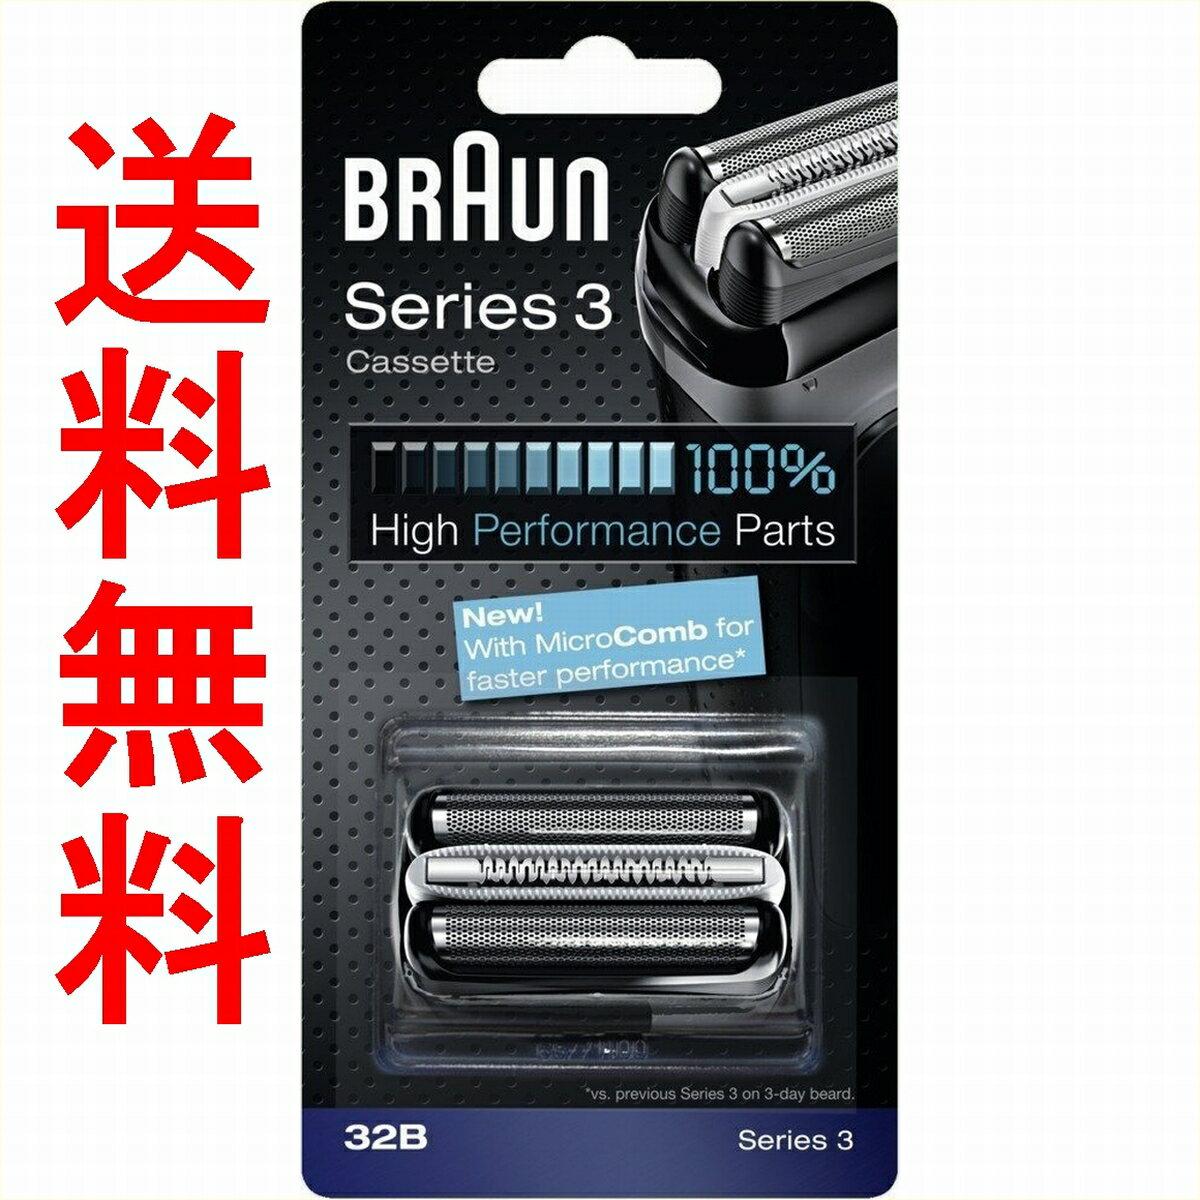 ブラウン 替刃 シリーズ3 32B(F/C32B-6 F/C32B F/C32B-5) 網刃・内刃一体型カセット ブラック 並行輸入品 コンビニ決済、後払い決済不可